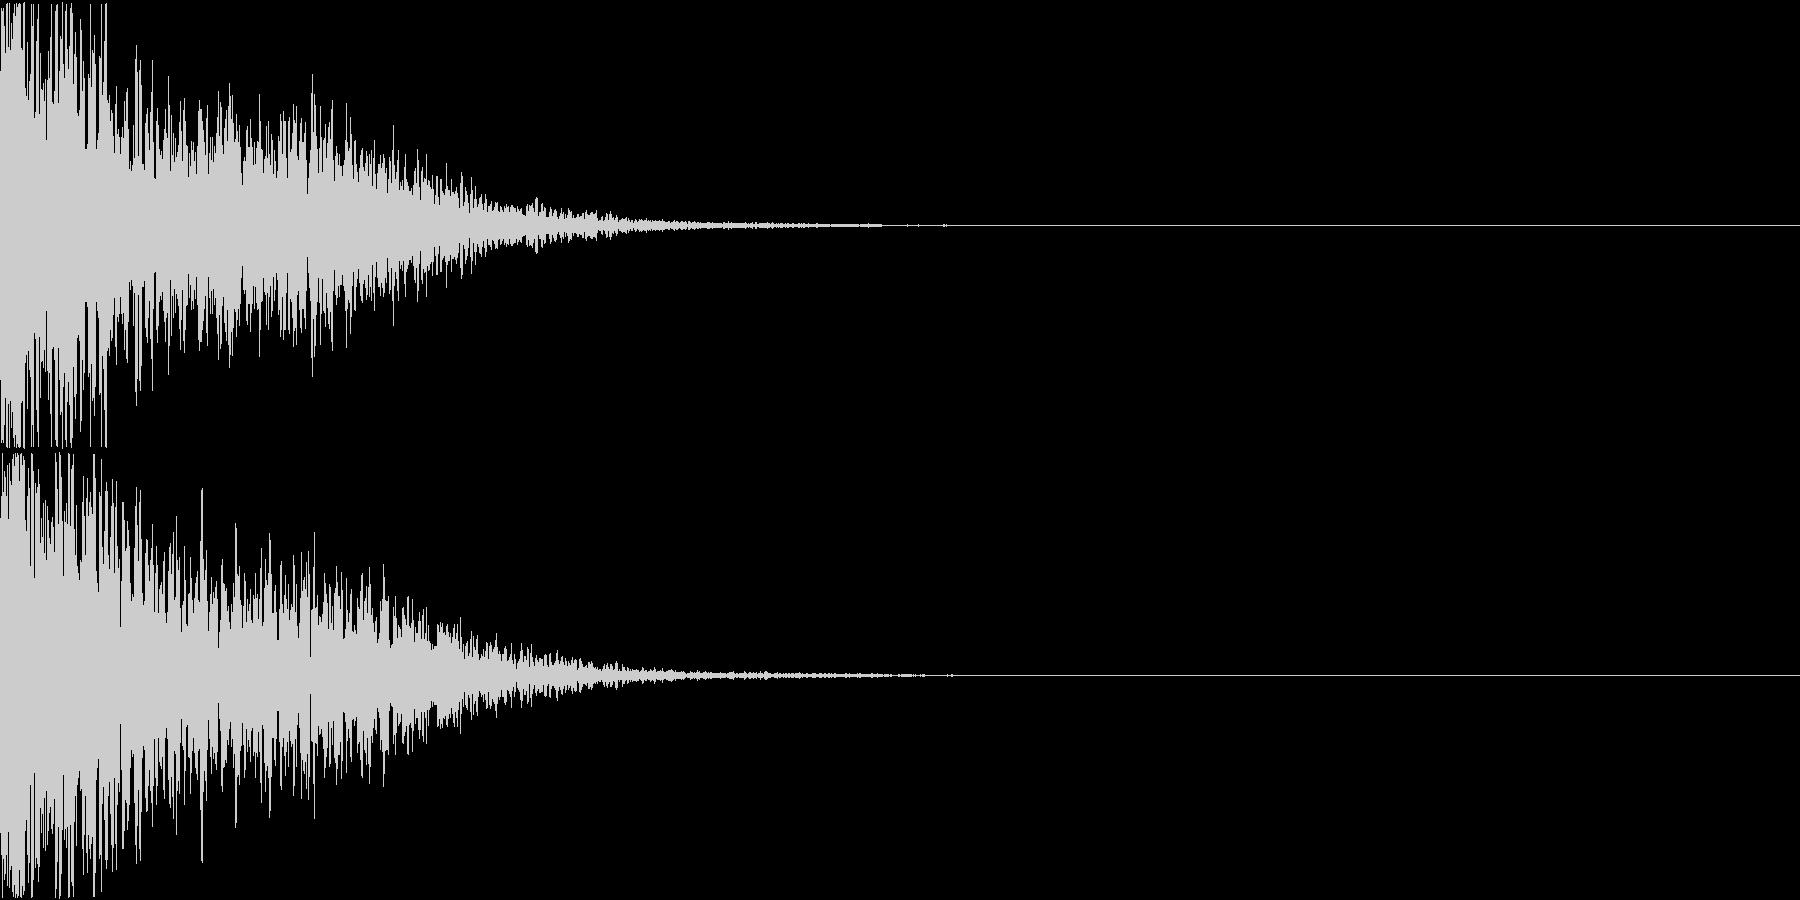 ロボット 合体 ガシーン キュイン 03の未再生の波形